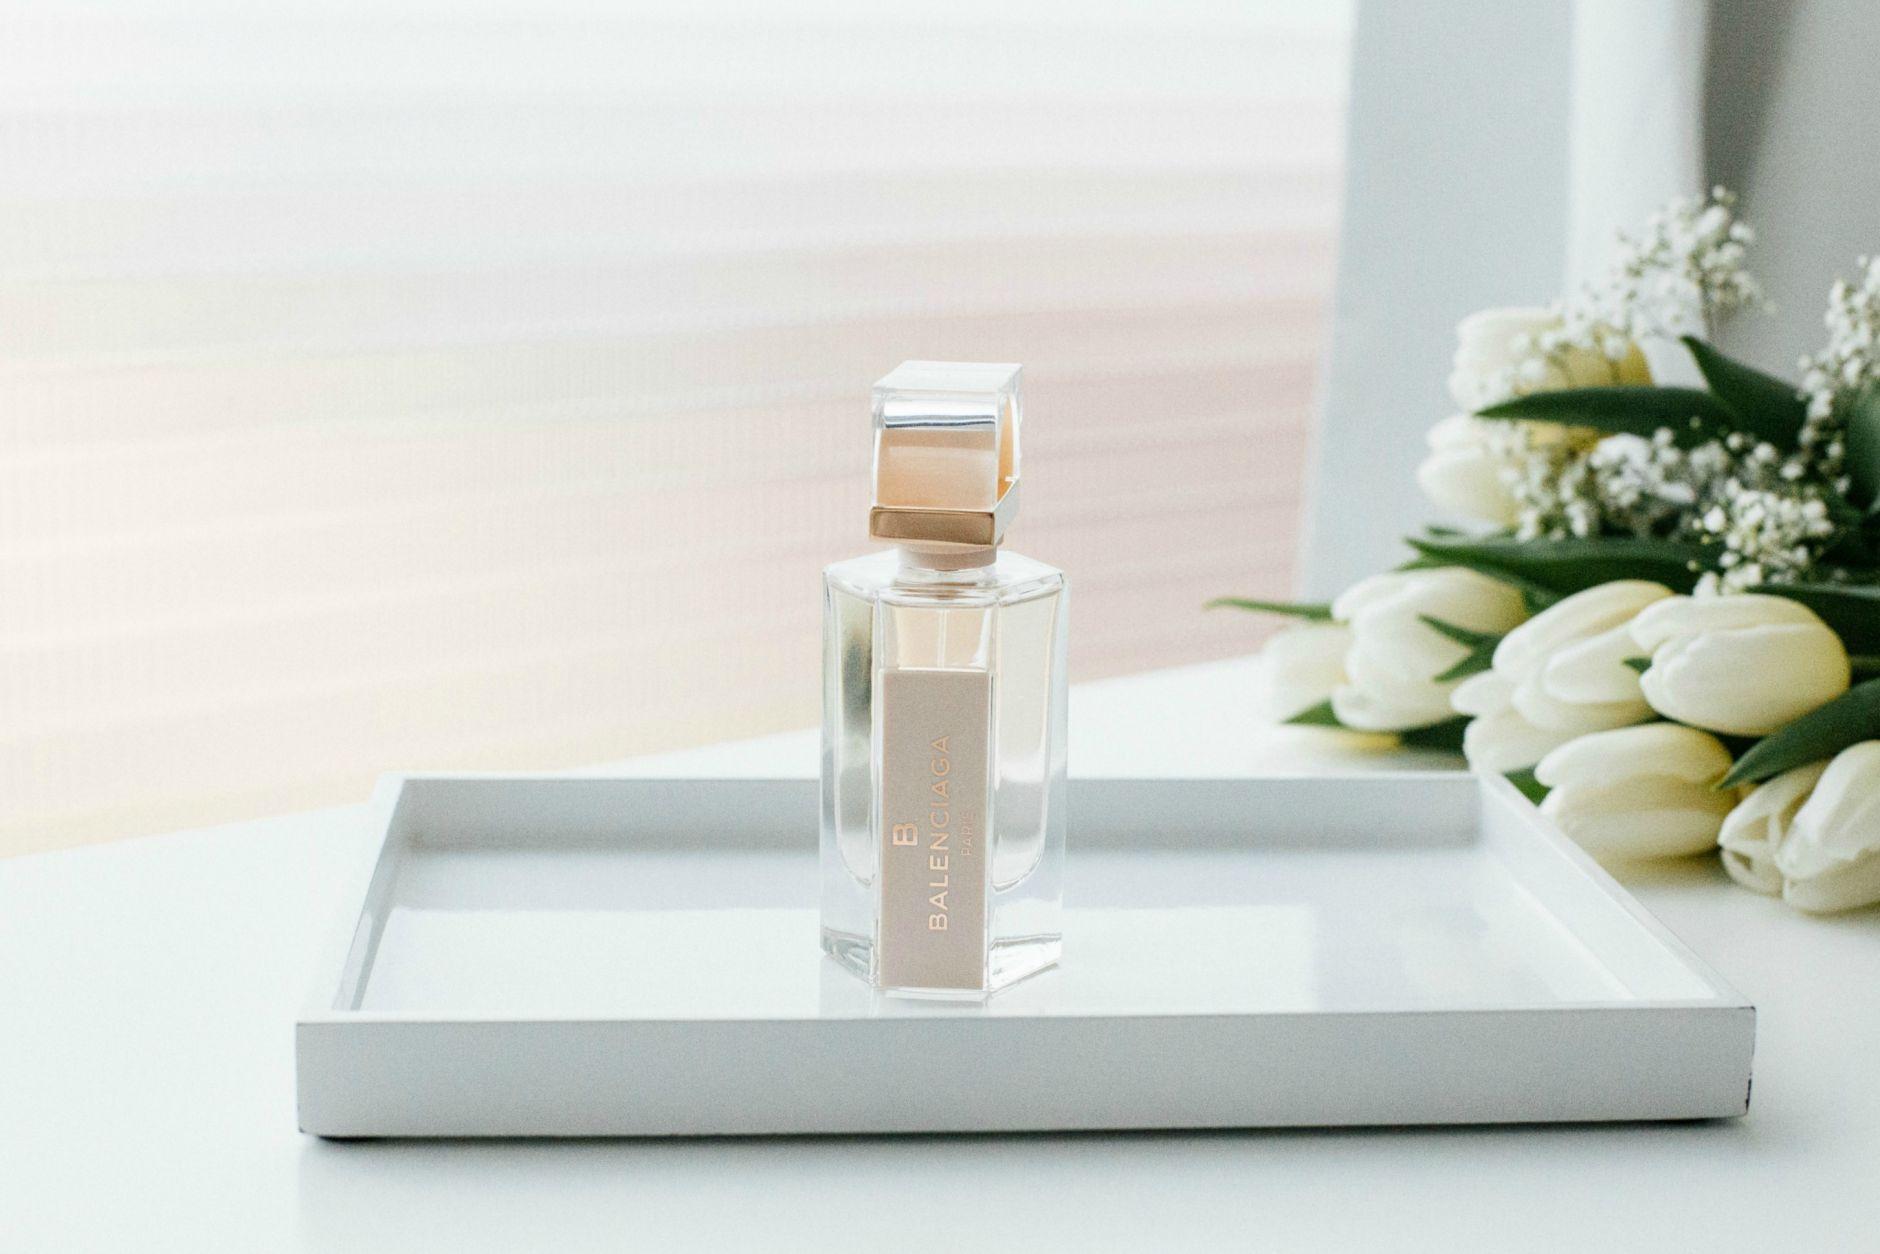 Balenciaga-Skin-Fragrance-Disi-Couture-01